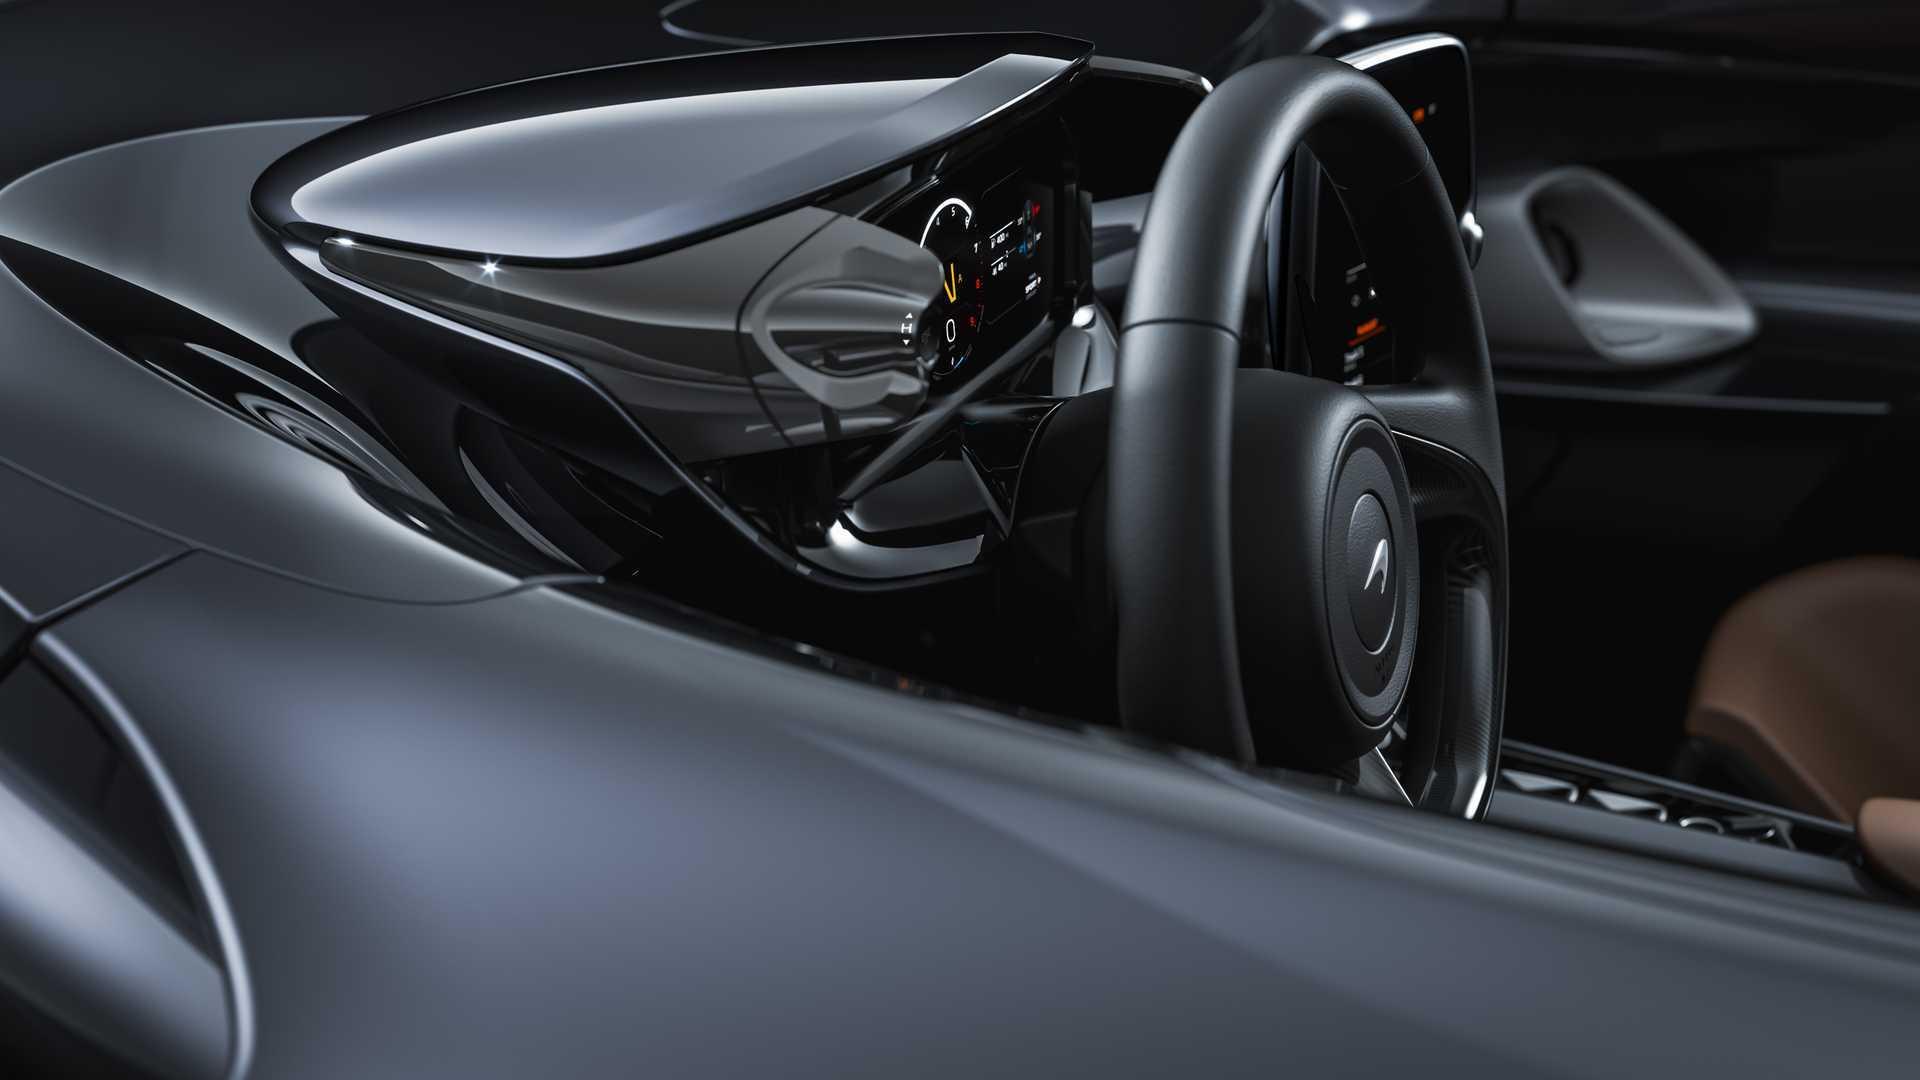 迈凯伦发布全新超级跑车,售价169万美元,限量300台